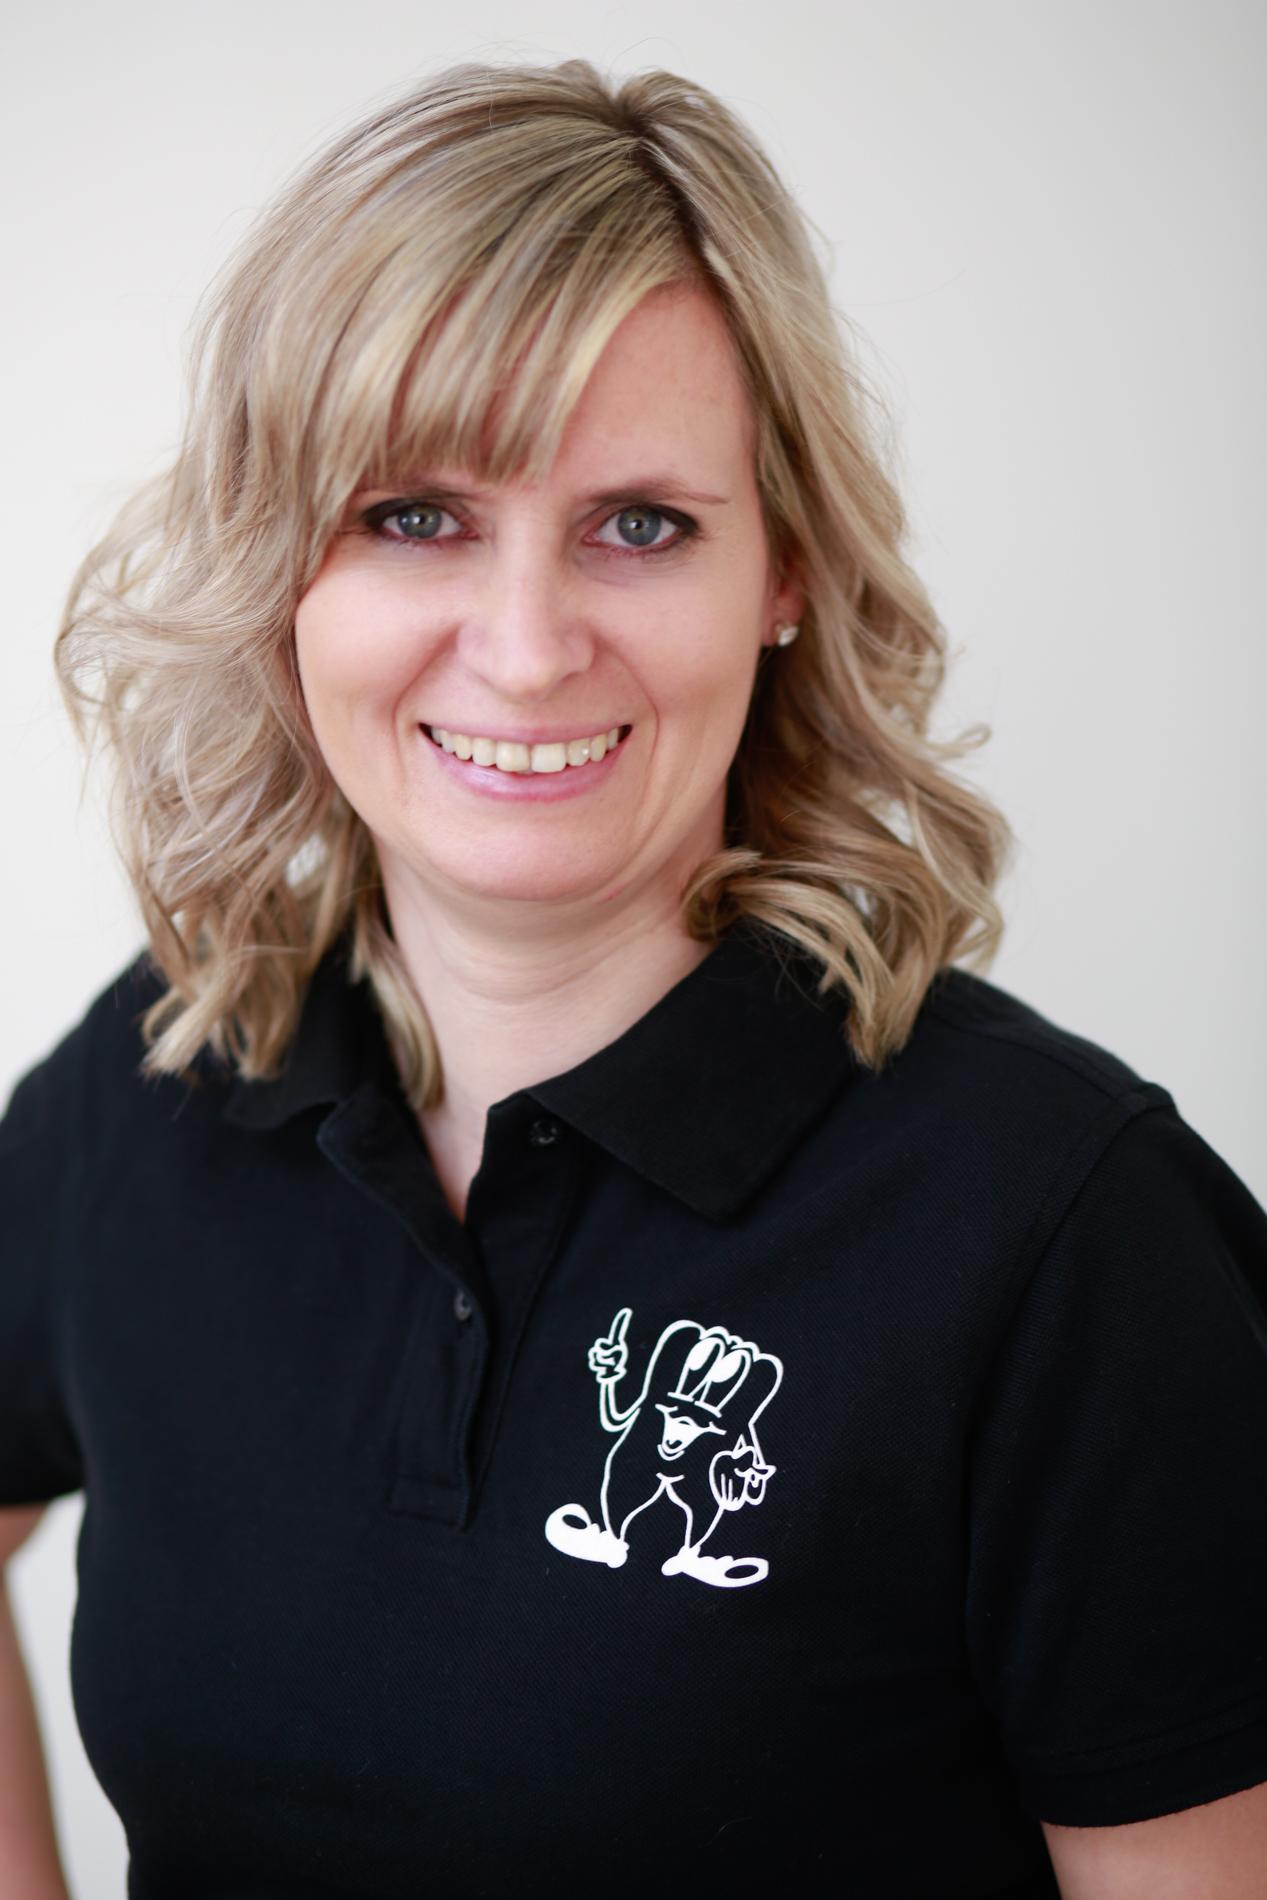 Mareen Bartlitz